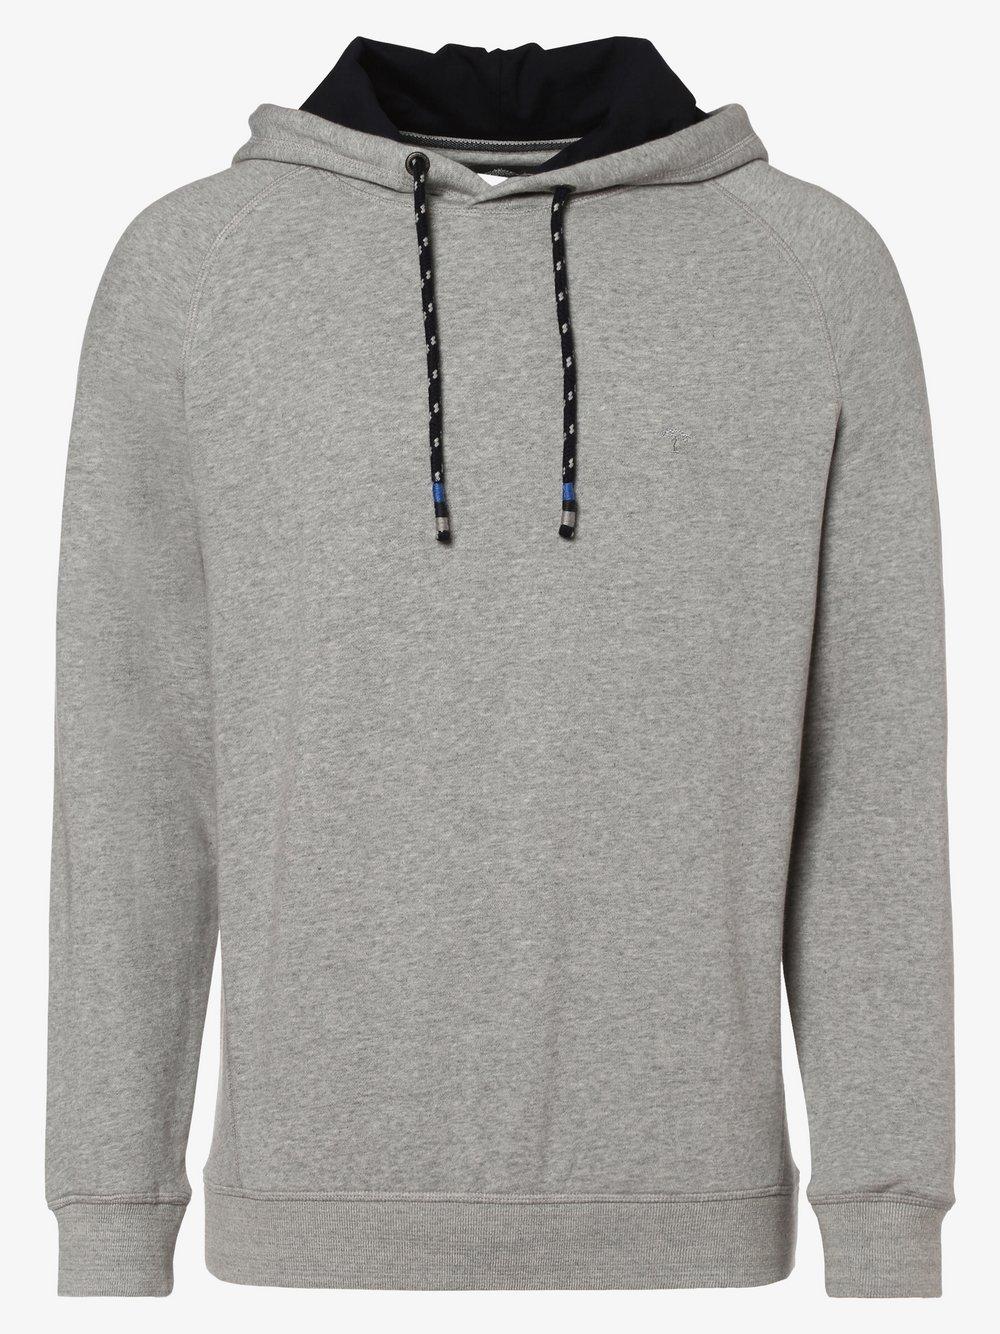 Fynch-Hatton - Męska bluza nierozpinana, szary